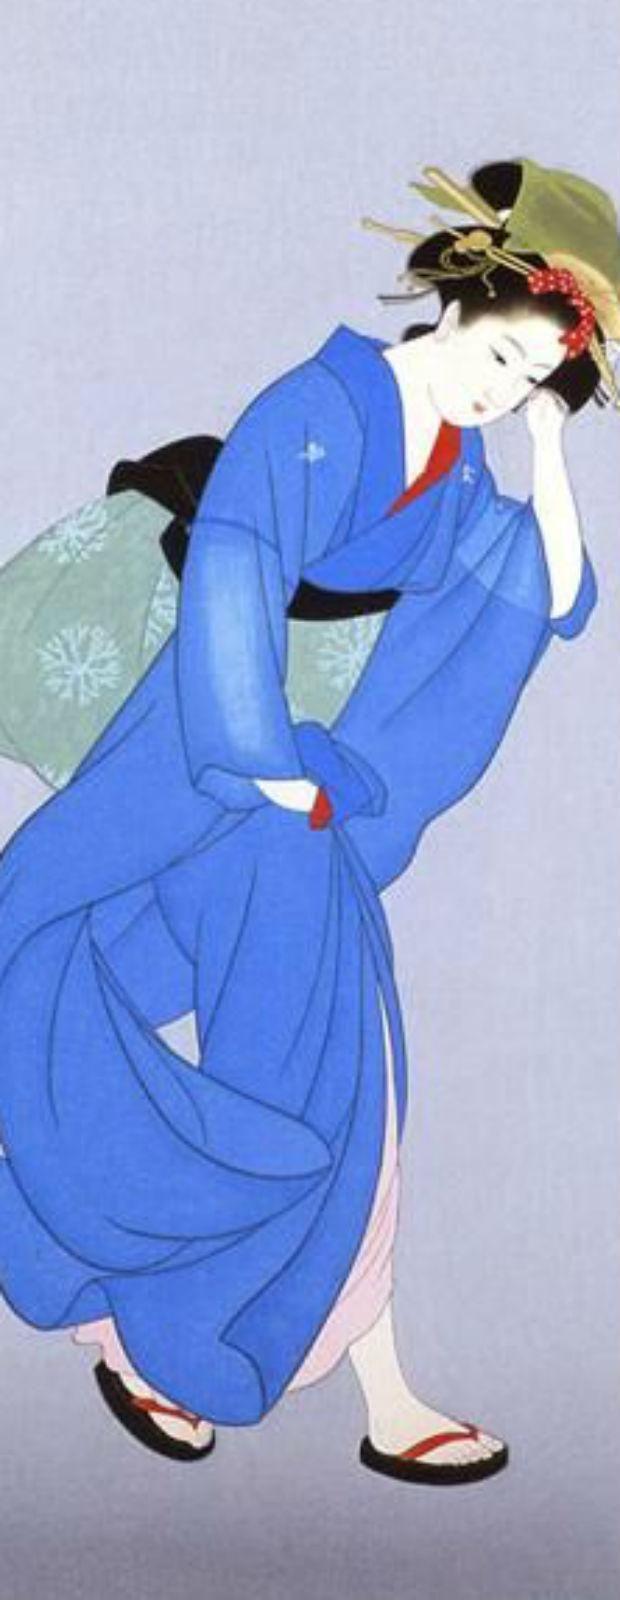 Shoen Uemura, la japonesa que plasmó la belleza femenina en pinturas (FOTOS)   Actualidad y Policiales   ElPopular.pe